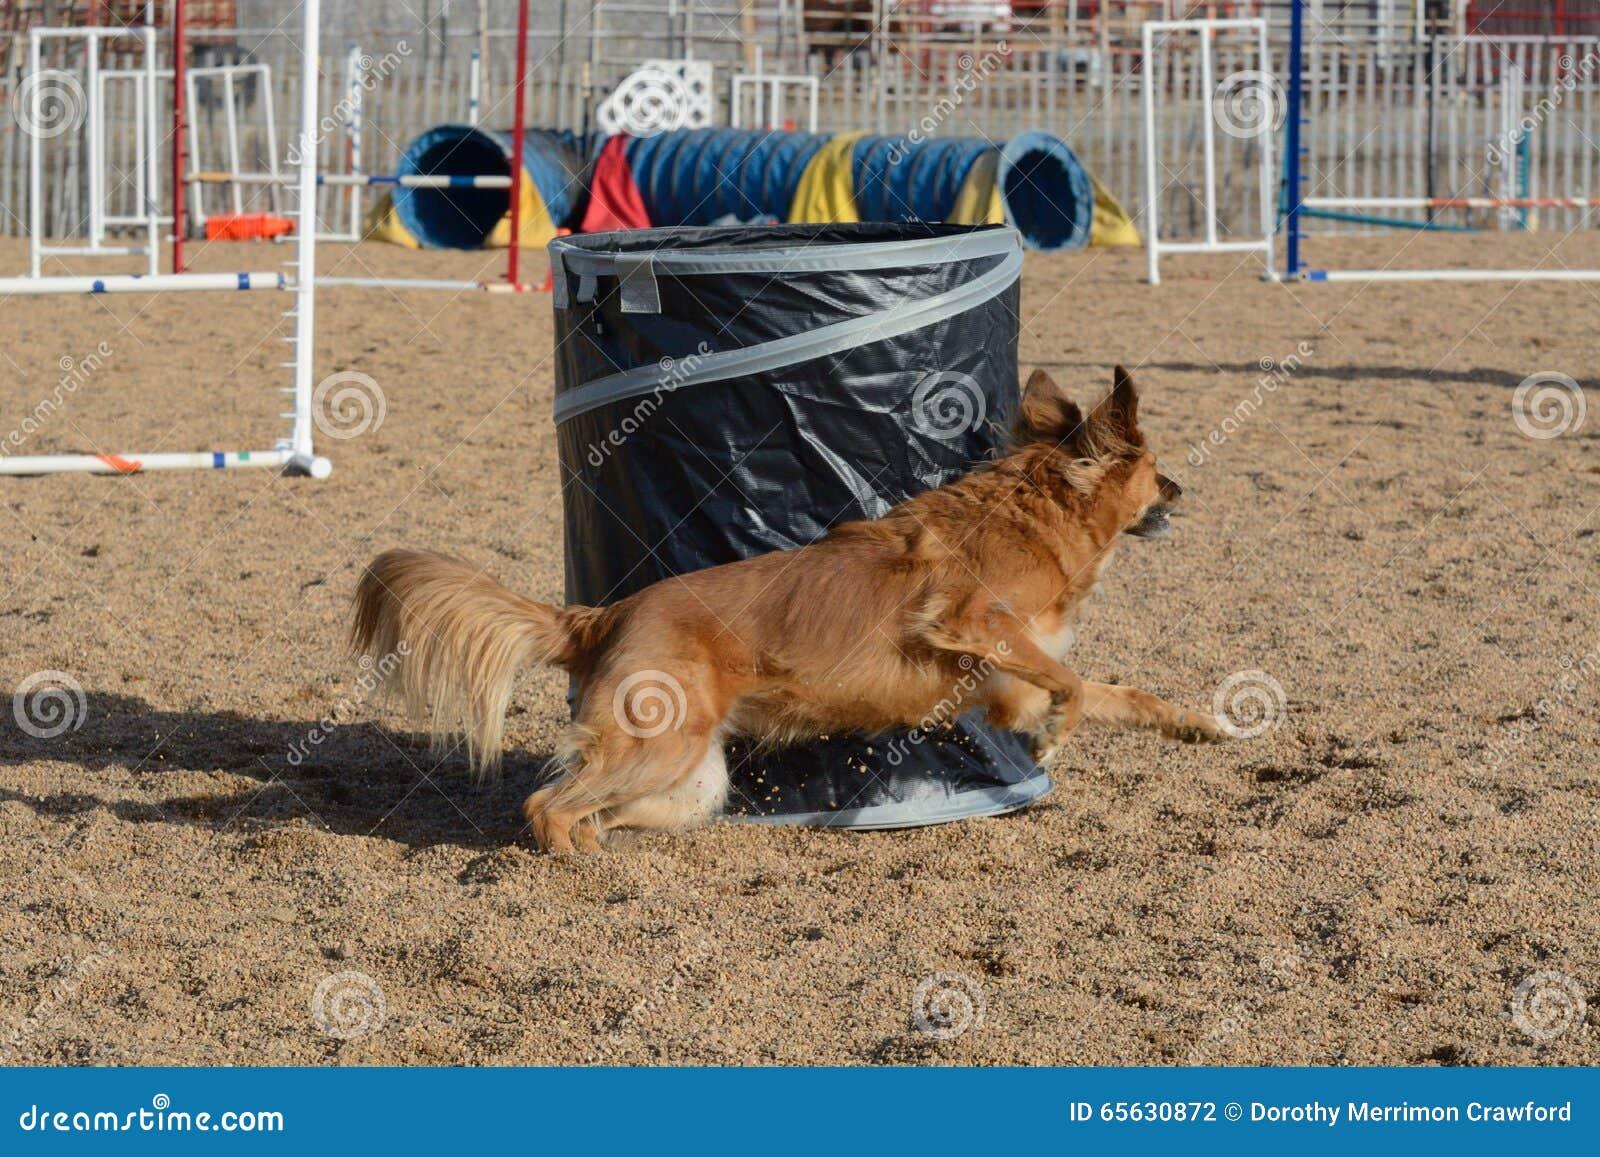 Agilité de chien : le baril